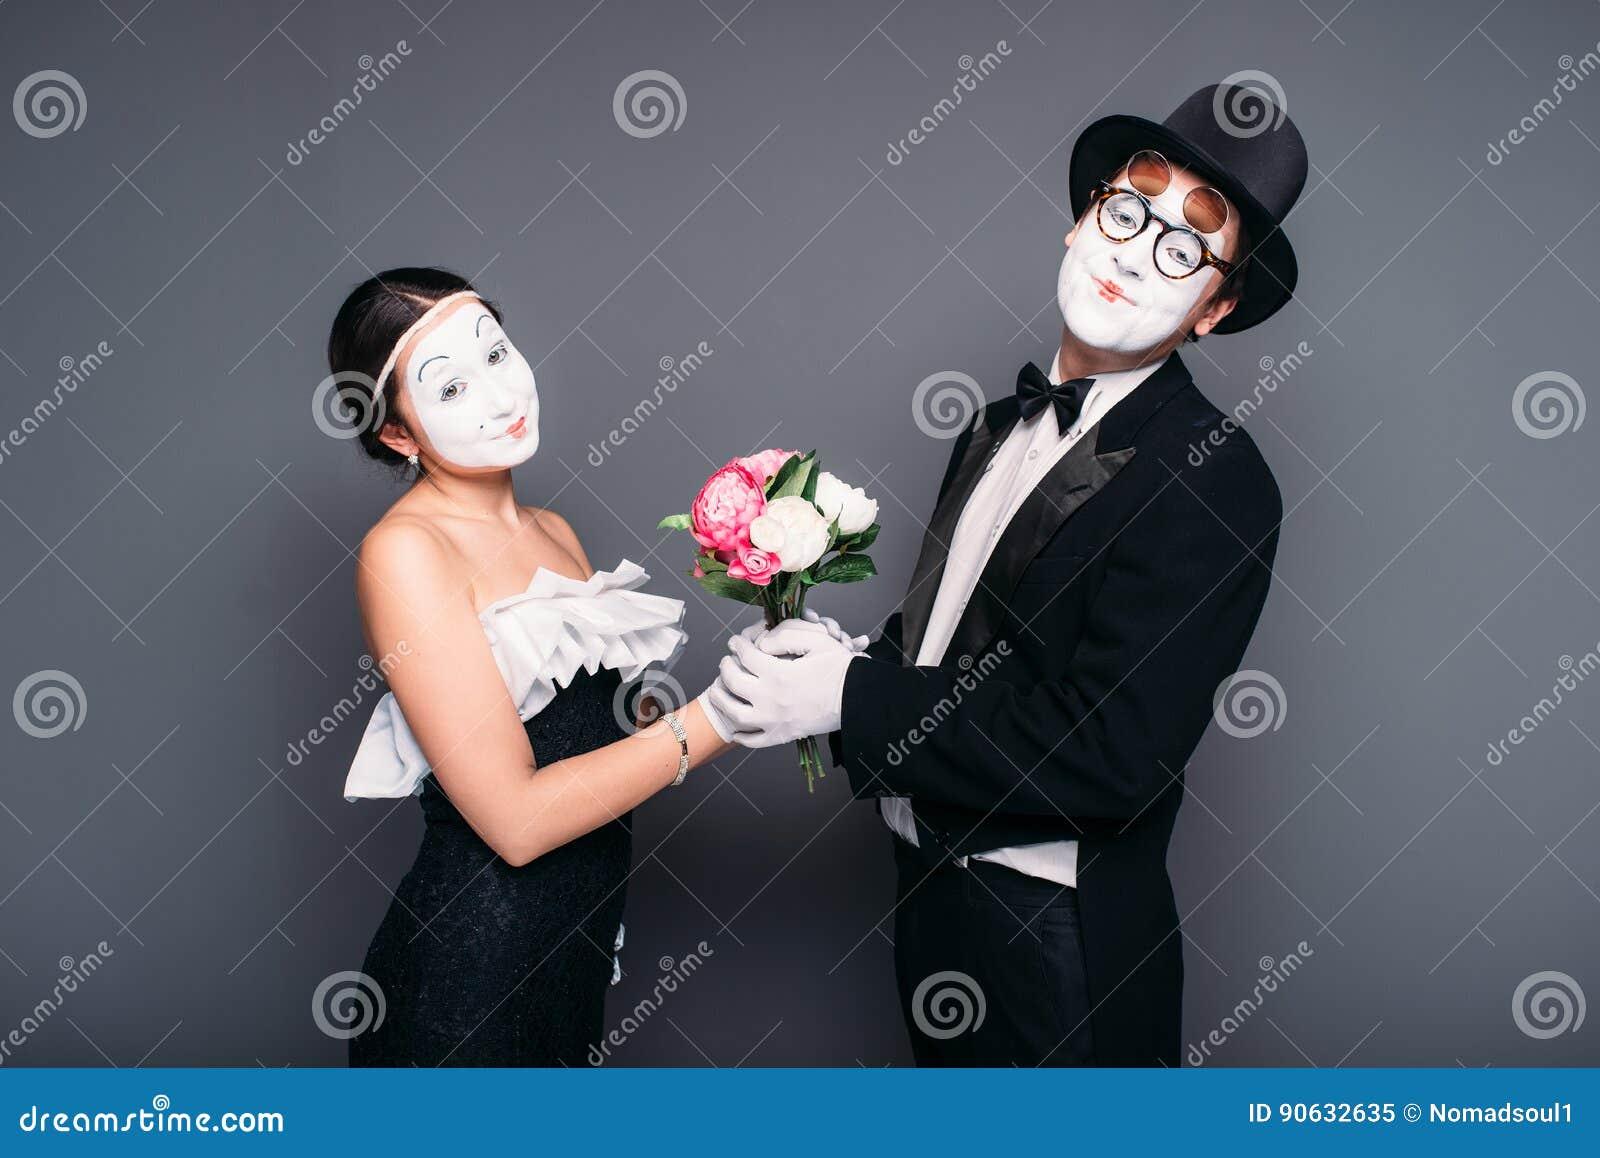 Actores de la pantomima que se realizan con el ramo de la flor